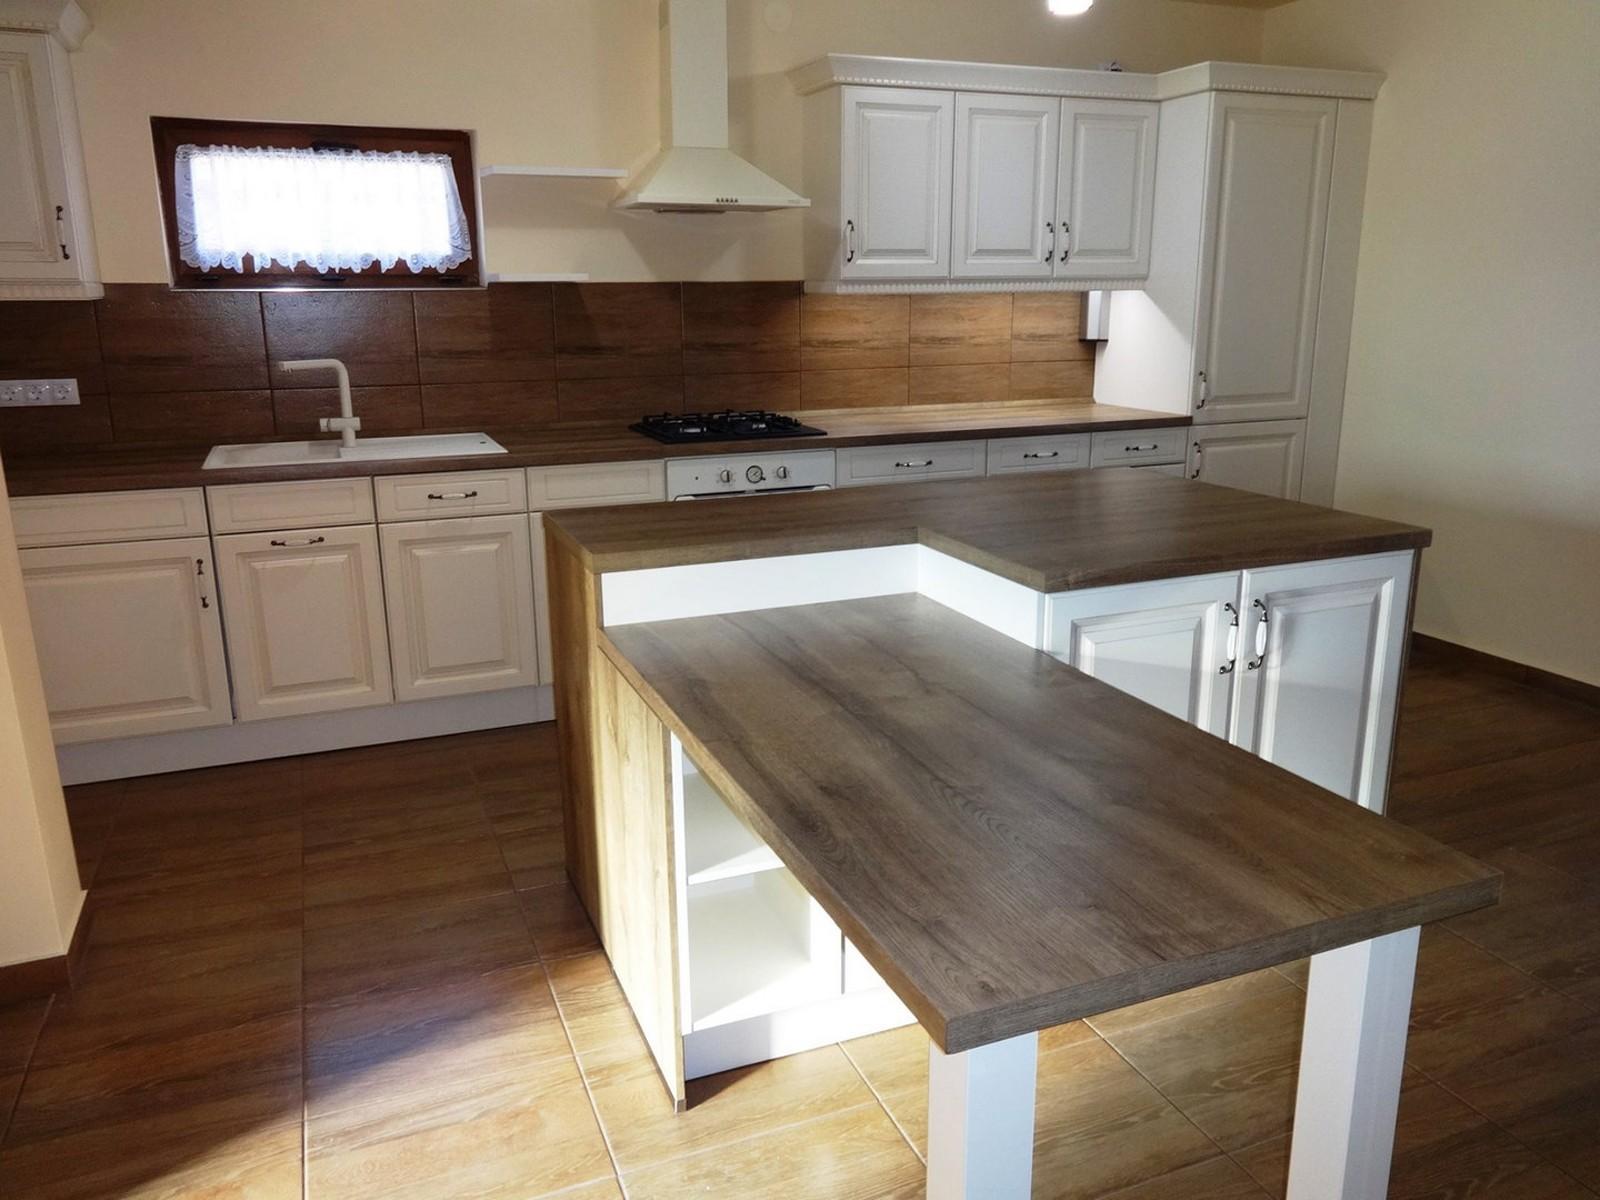 Referință - Bucătărie clasică Nobilia Castello - Bej antichizat / Stejar canadian